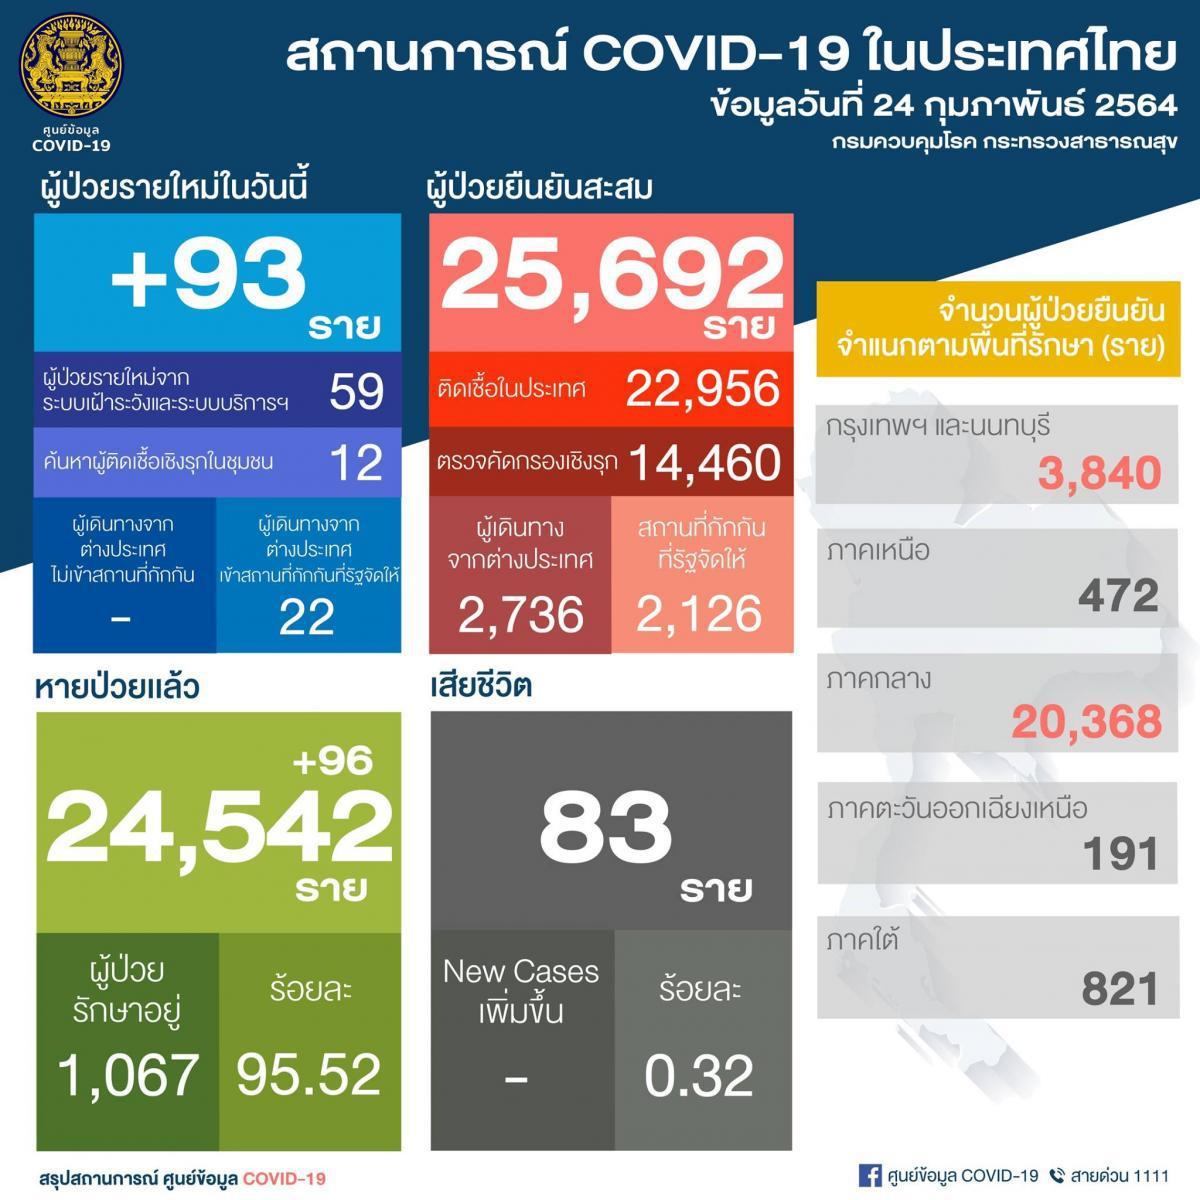 93 รายใหม่ ผู้ติดเชื้อโควิด-19 ติดเชื้อในประเทศ 71 ราย